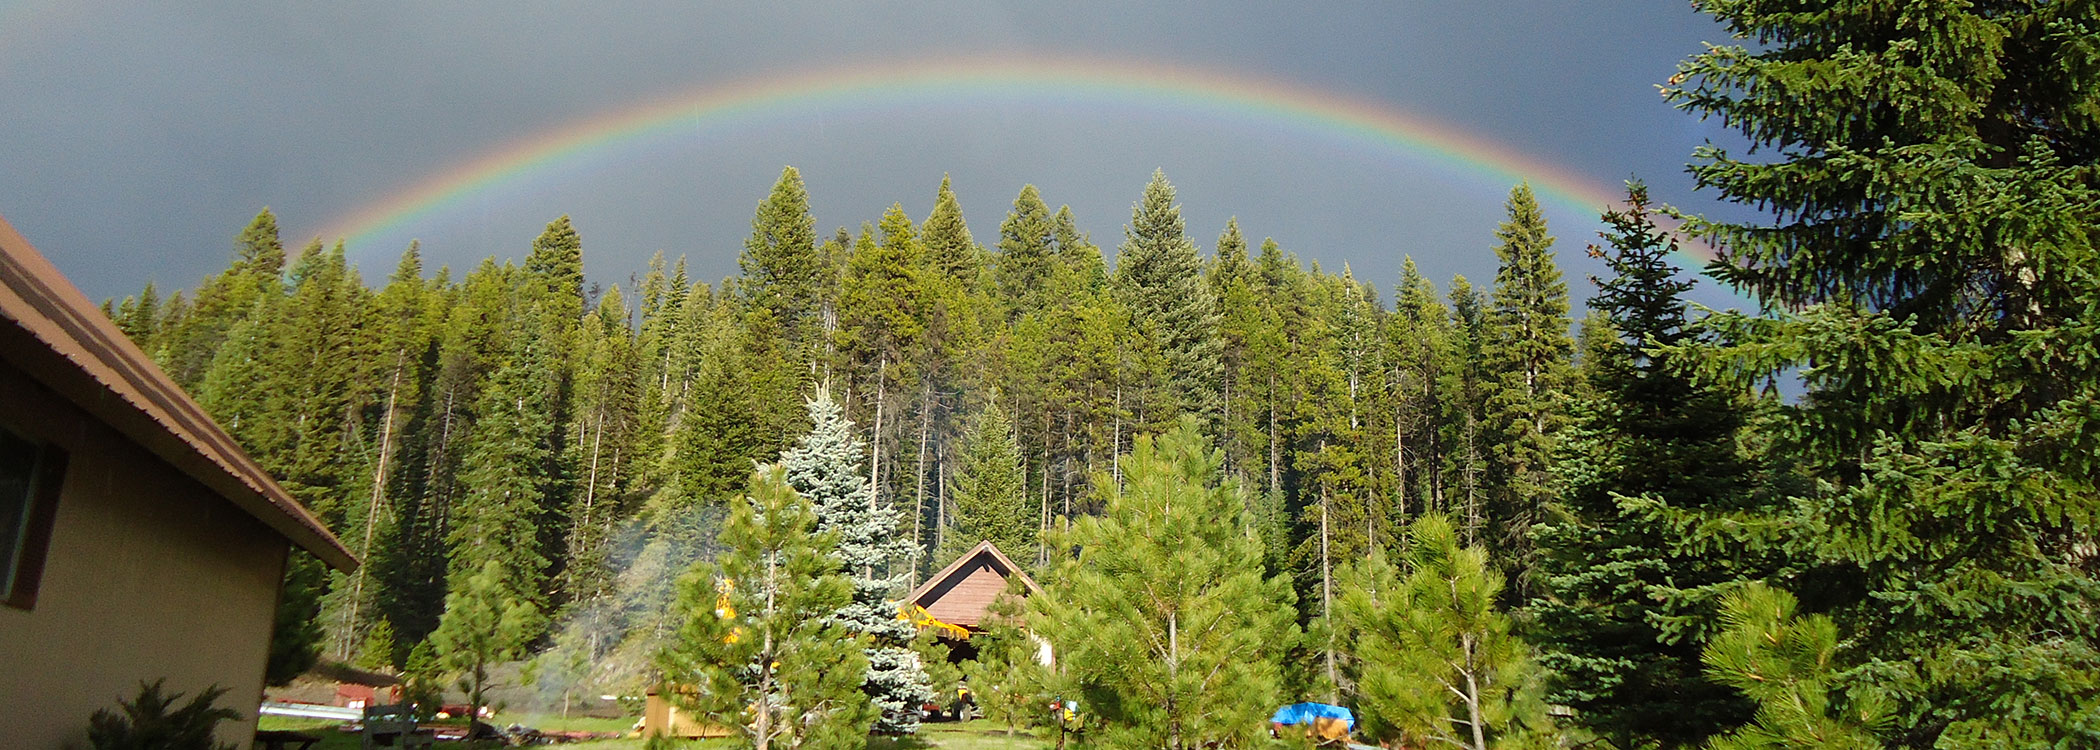 Cabin Rentals | Elk City ID | Bed & Breakfast Elk City ID | Freedom River Adventures